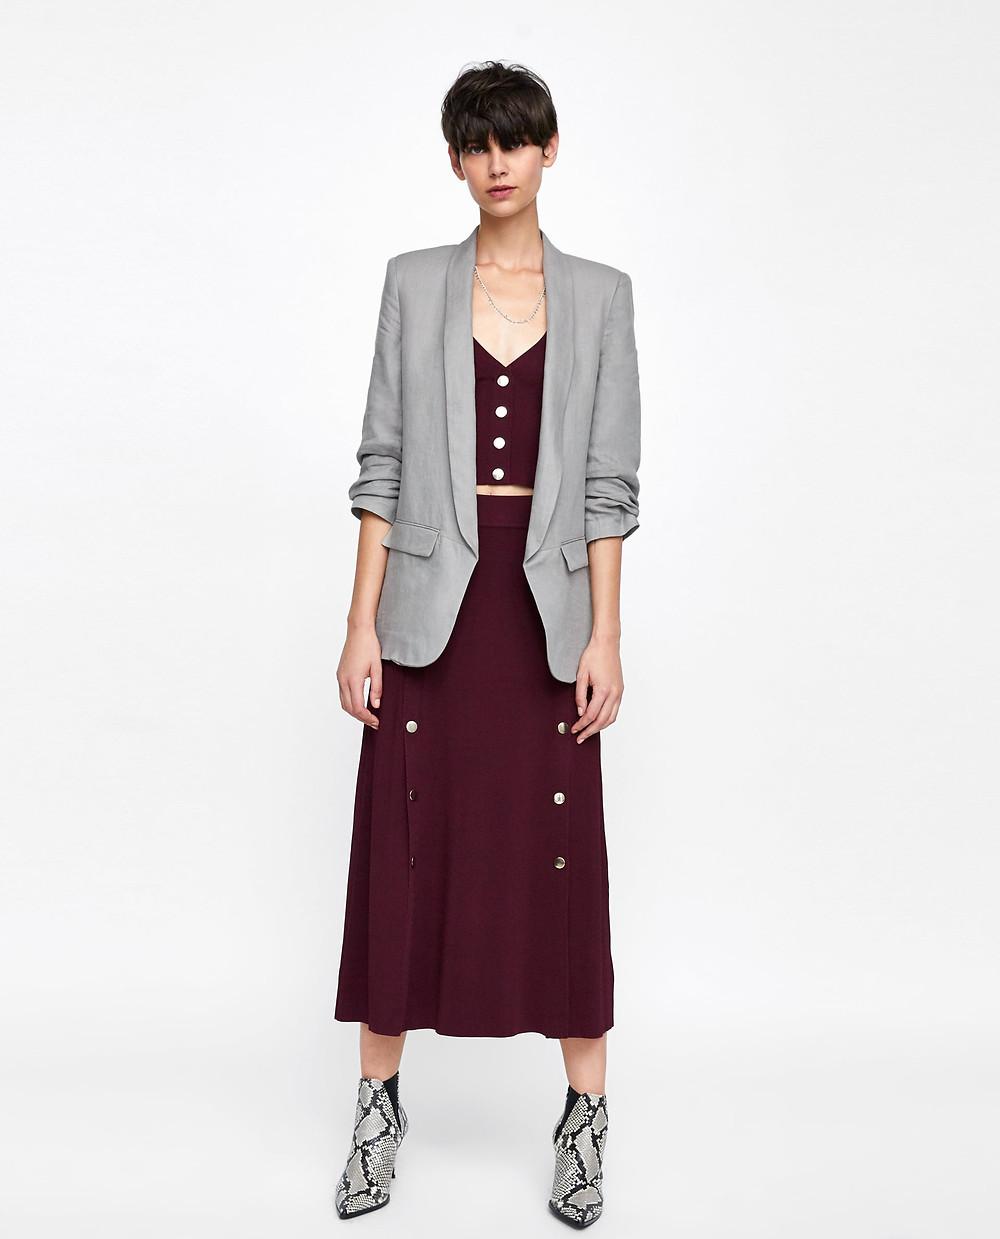 Zara Blazer with Pleated Sleeves $119